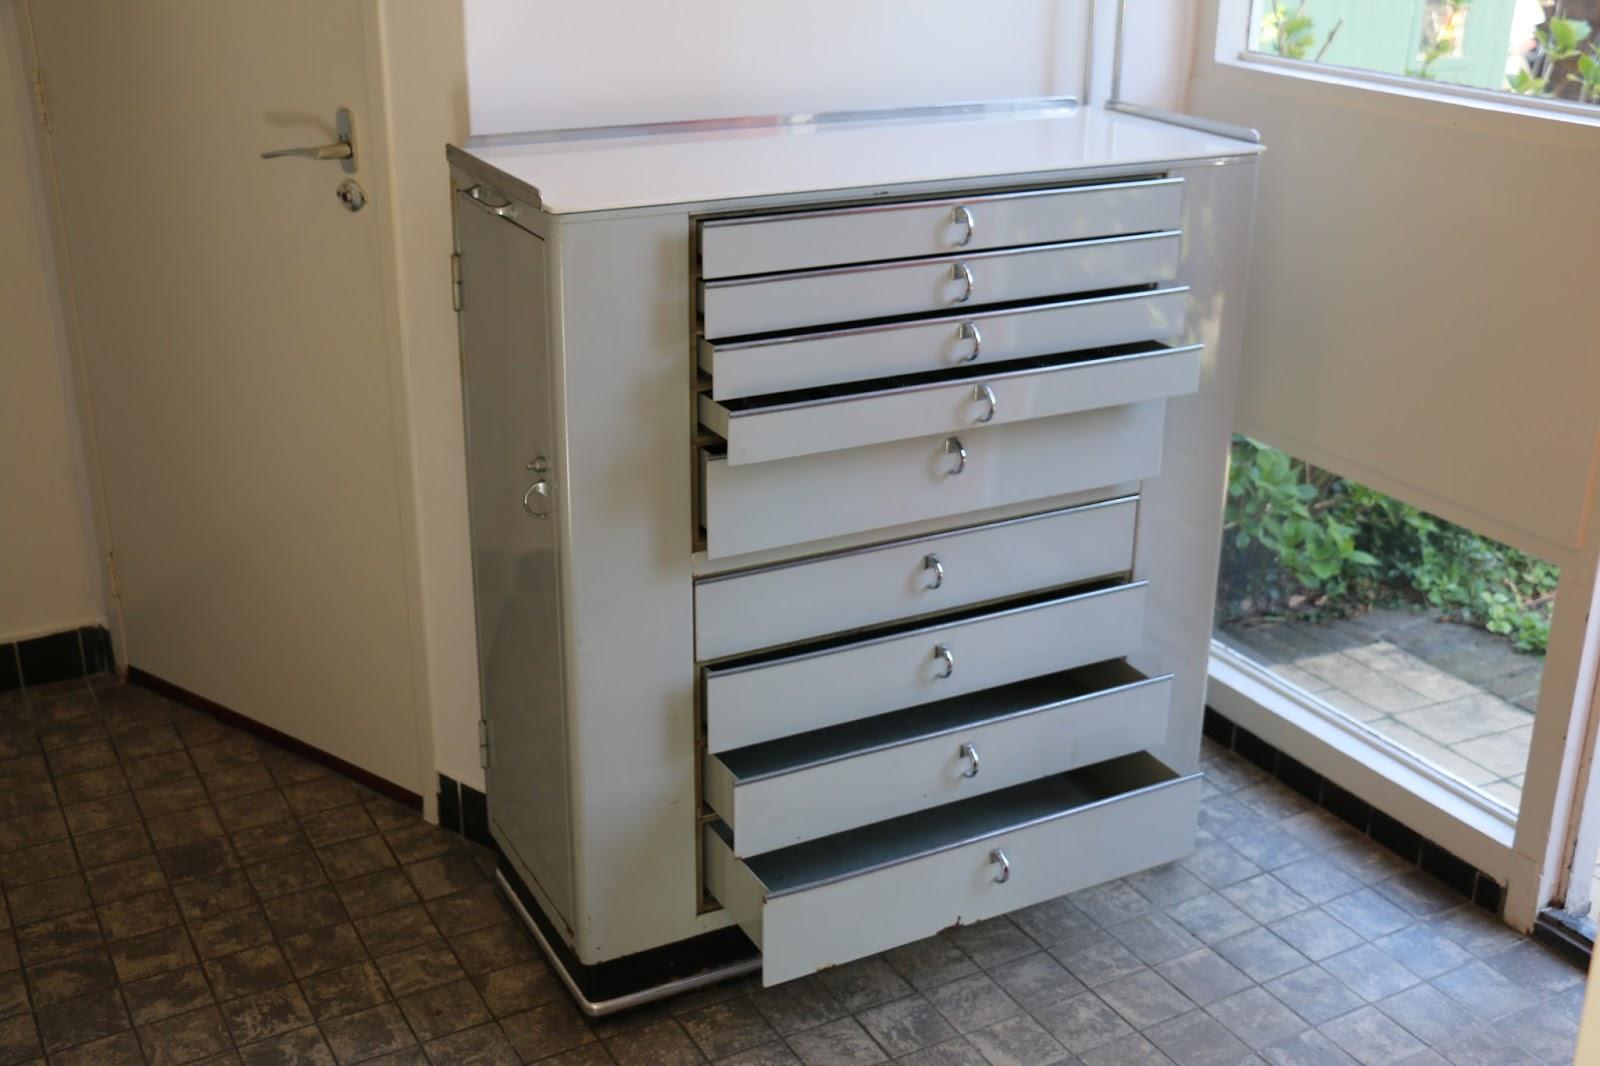 Stalen vintage jaren 60 tandarts kast met 9 laden en 2 deuren.